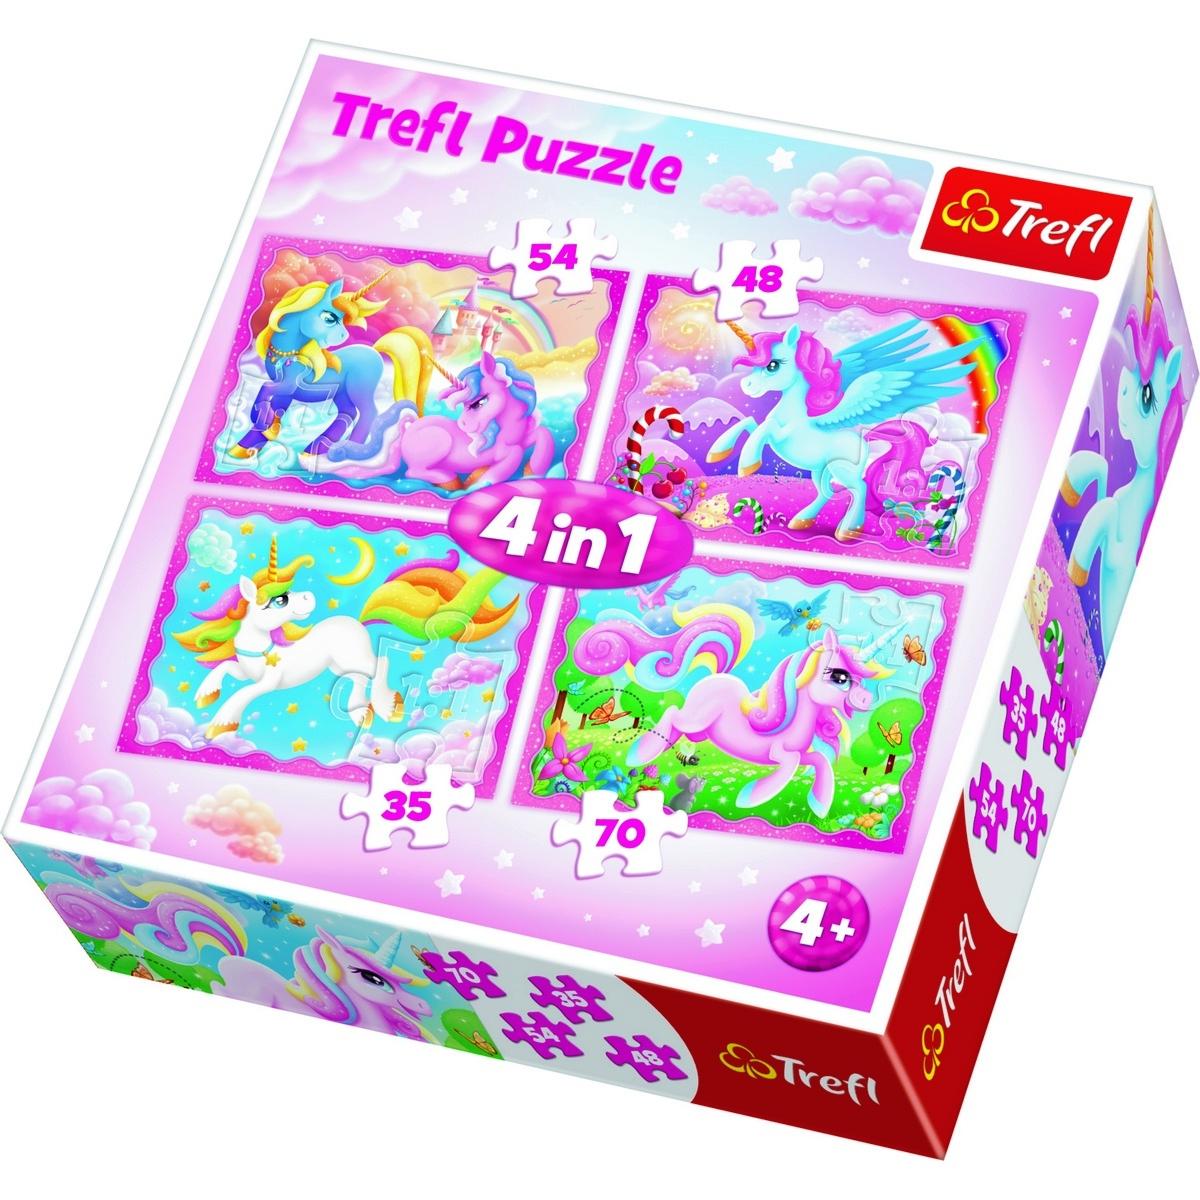 Trefl Puzzle Jednorožci 4v1 (35,48,54,70 dílků)